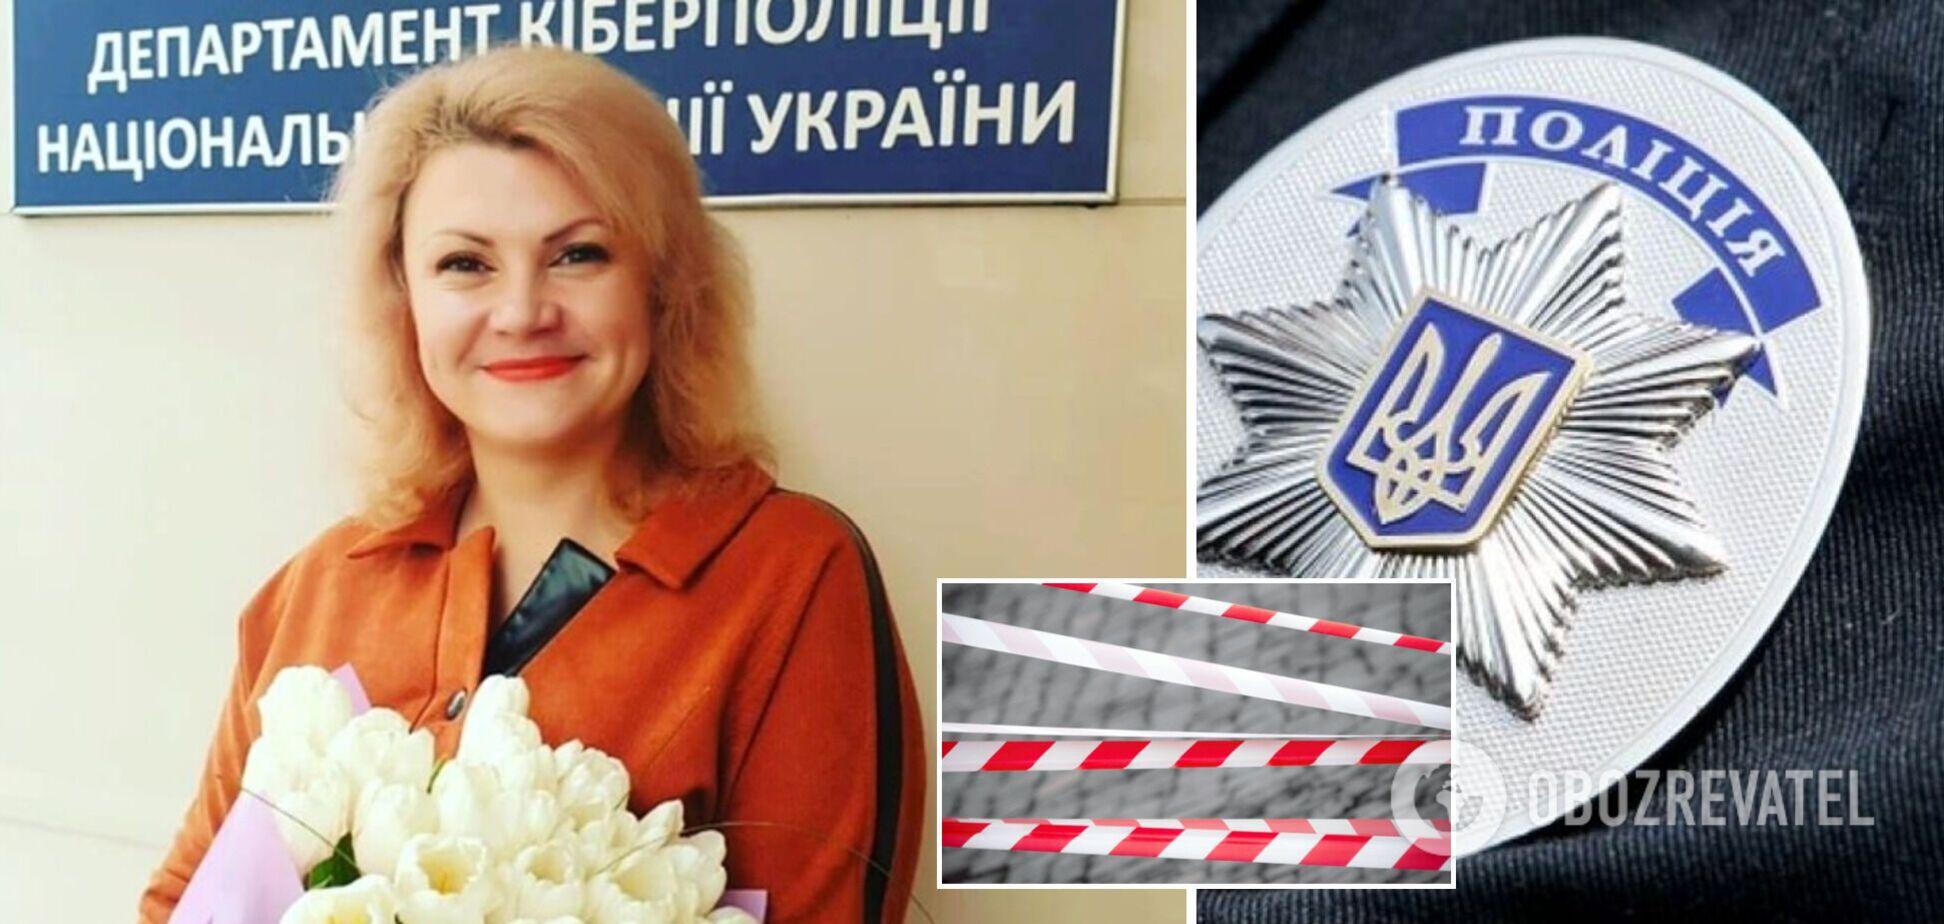 Вдарили подарованою пляшкою, потім ножем: близькі розповіли про вбиту кіберполіцейську з Києва